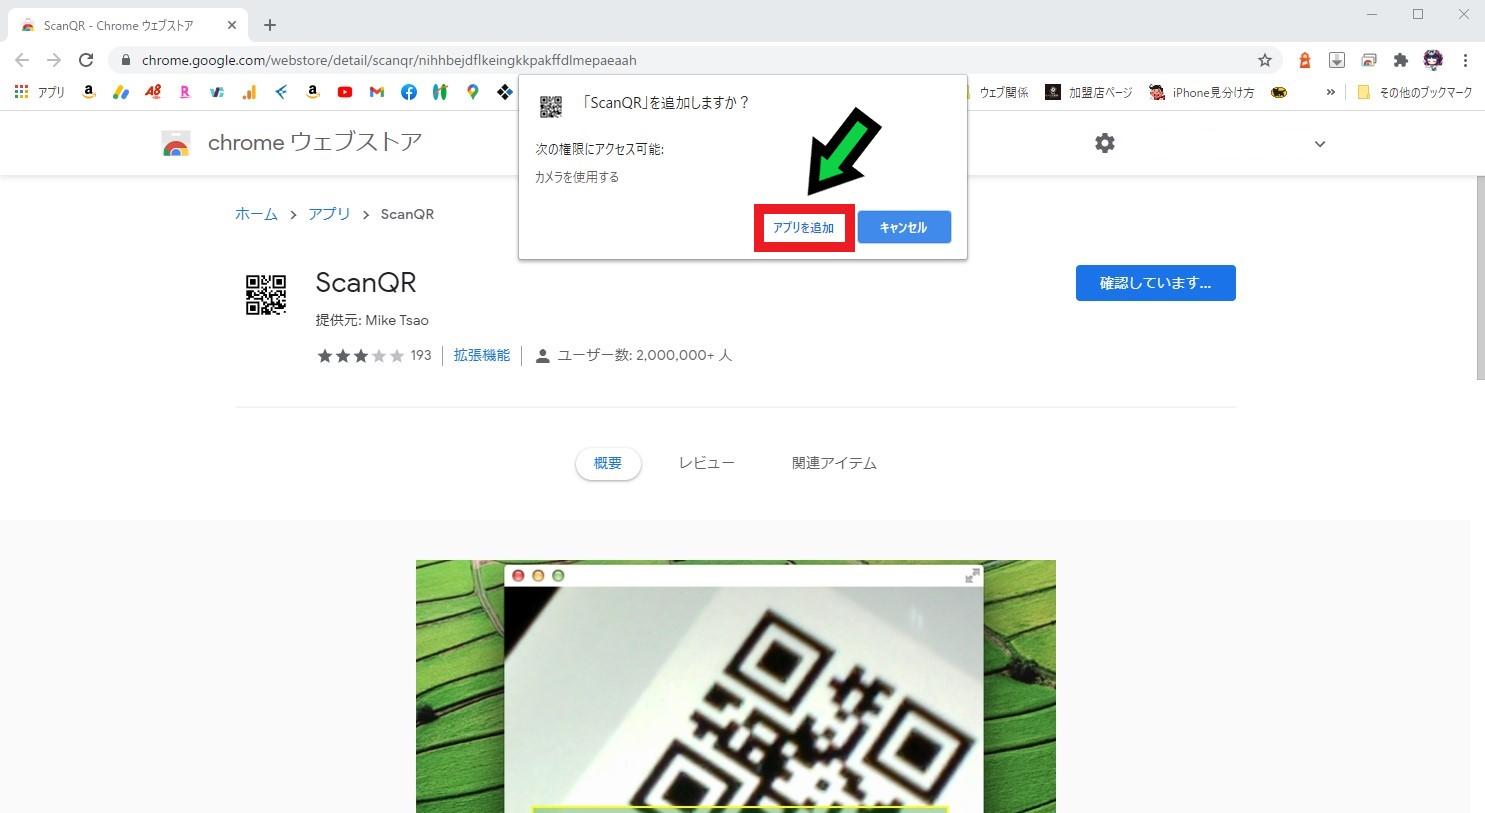 パソコンでQRコードをスキャンする方法【Windows10】